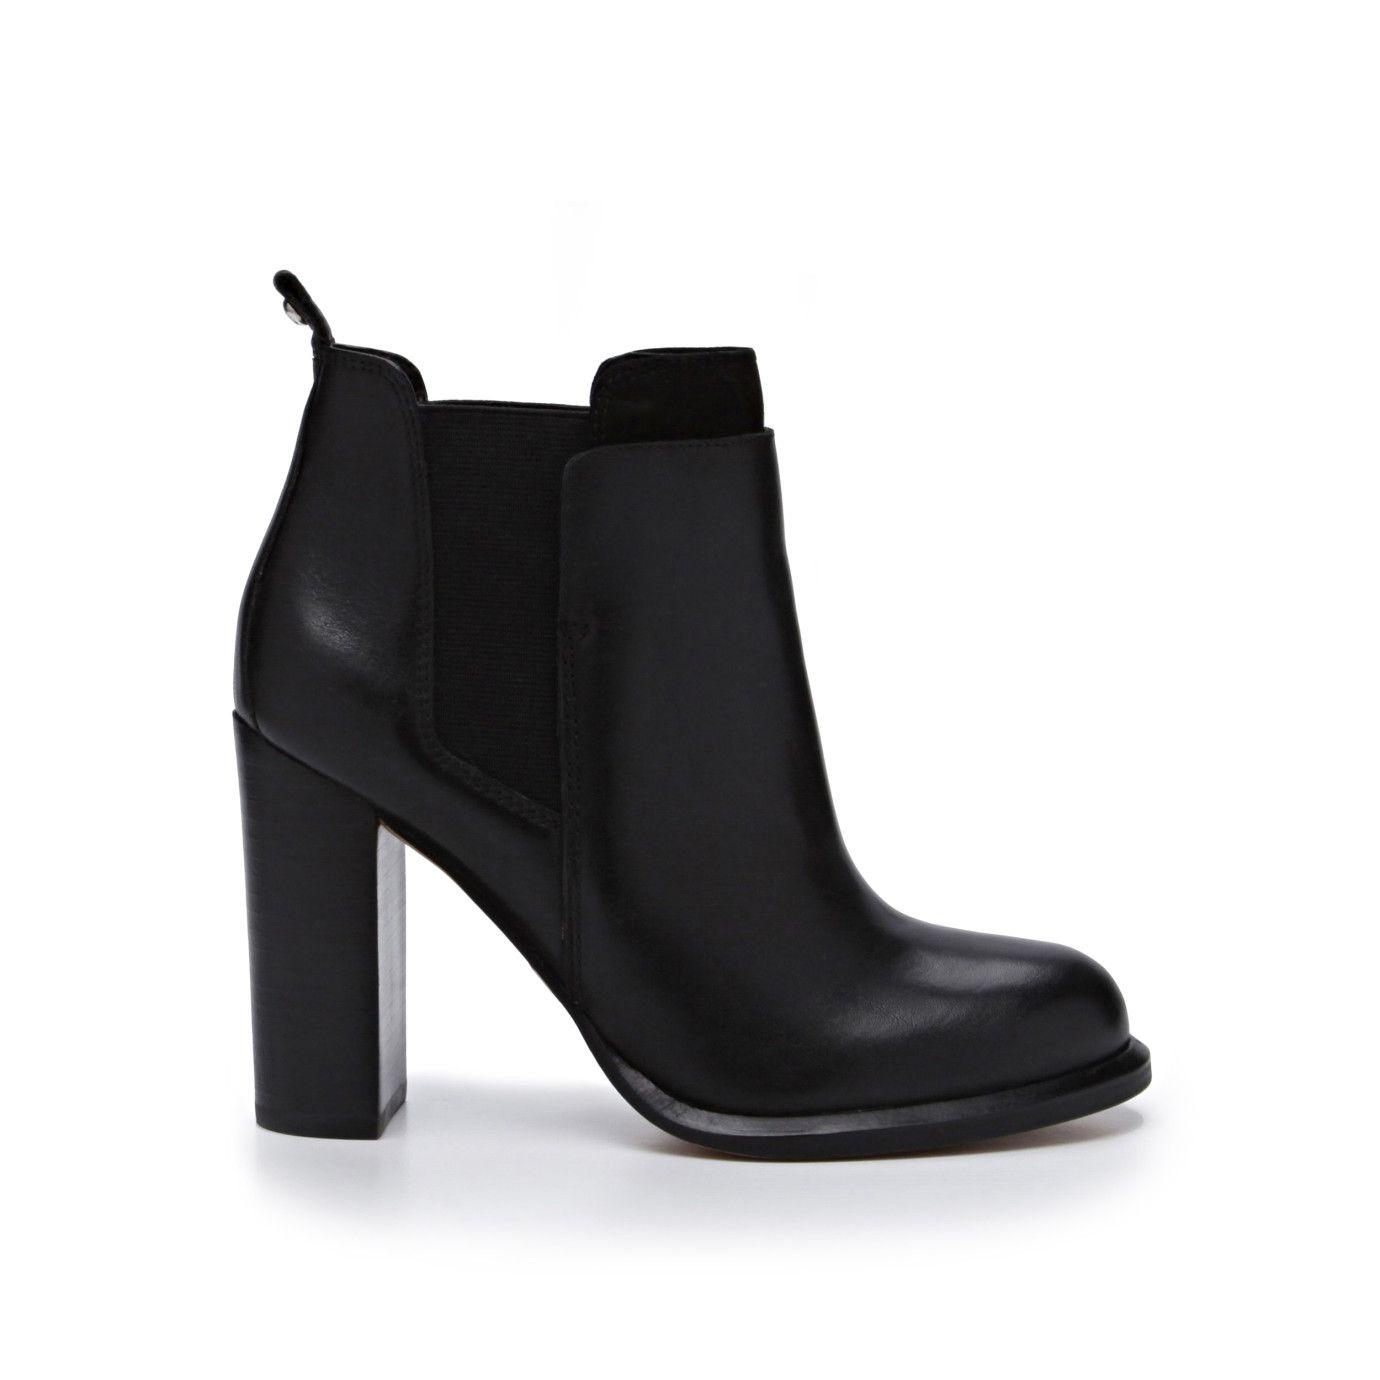 Zapatos negros con cremallera Sam Edelman para mujer Envío gratis Edición limitada Z4Kqmm